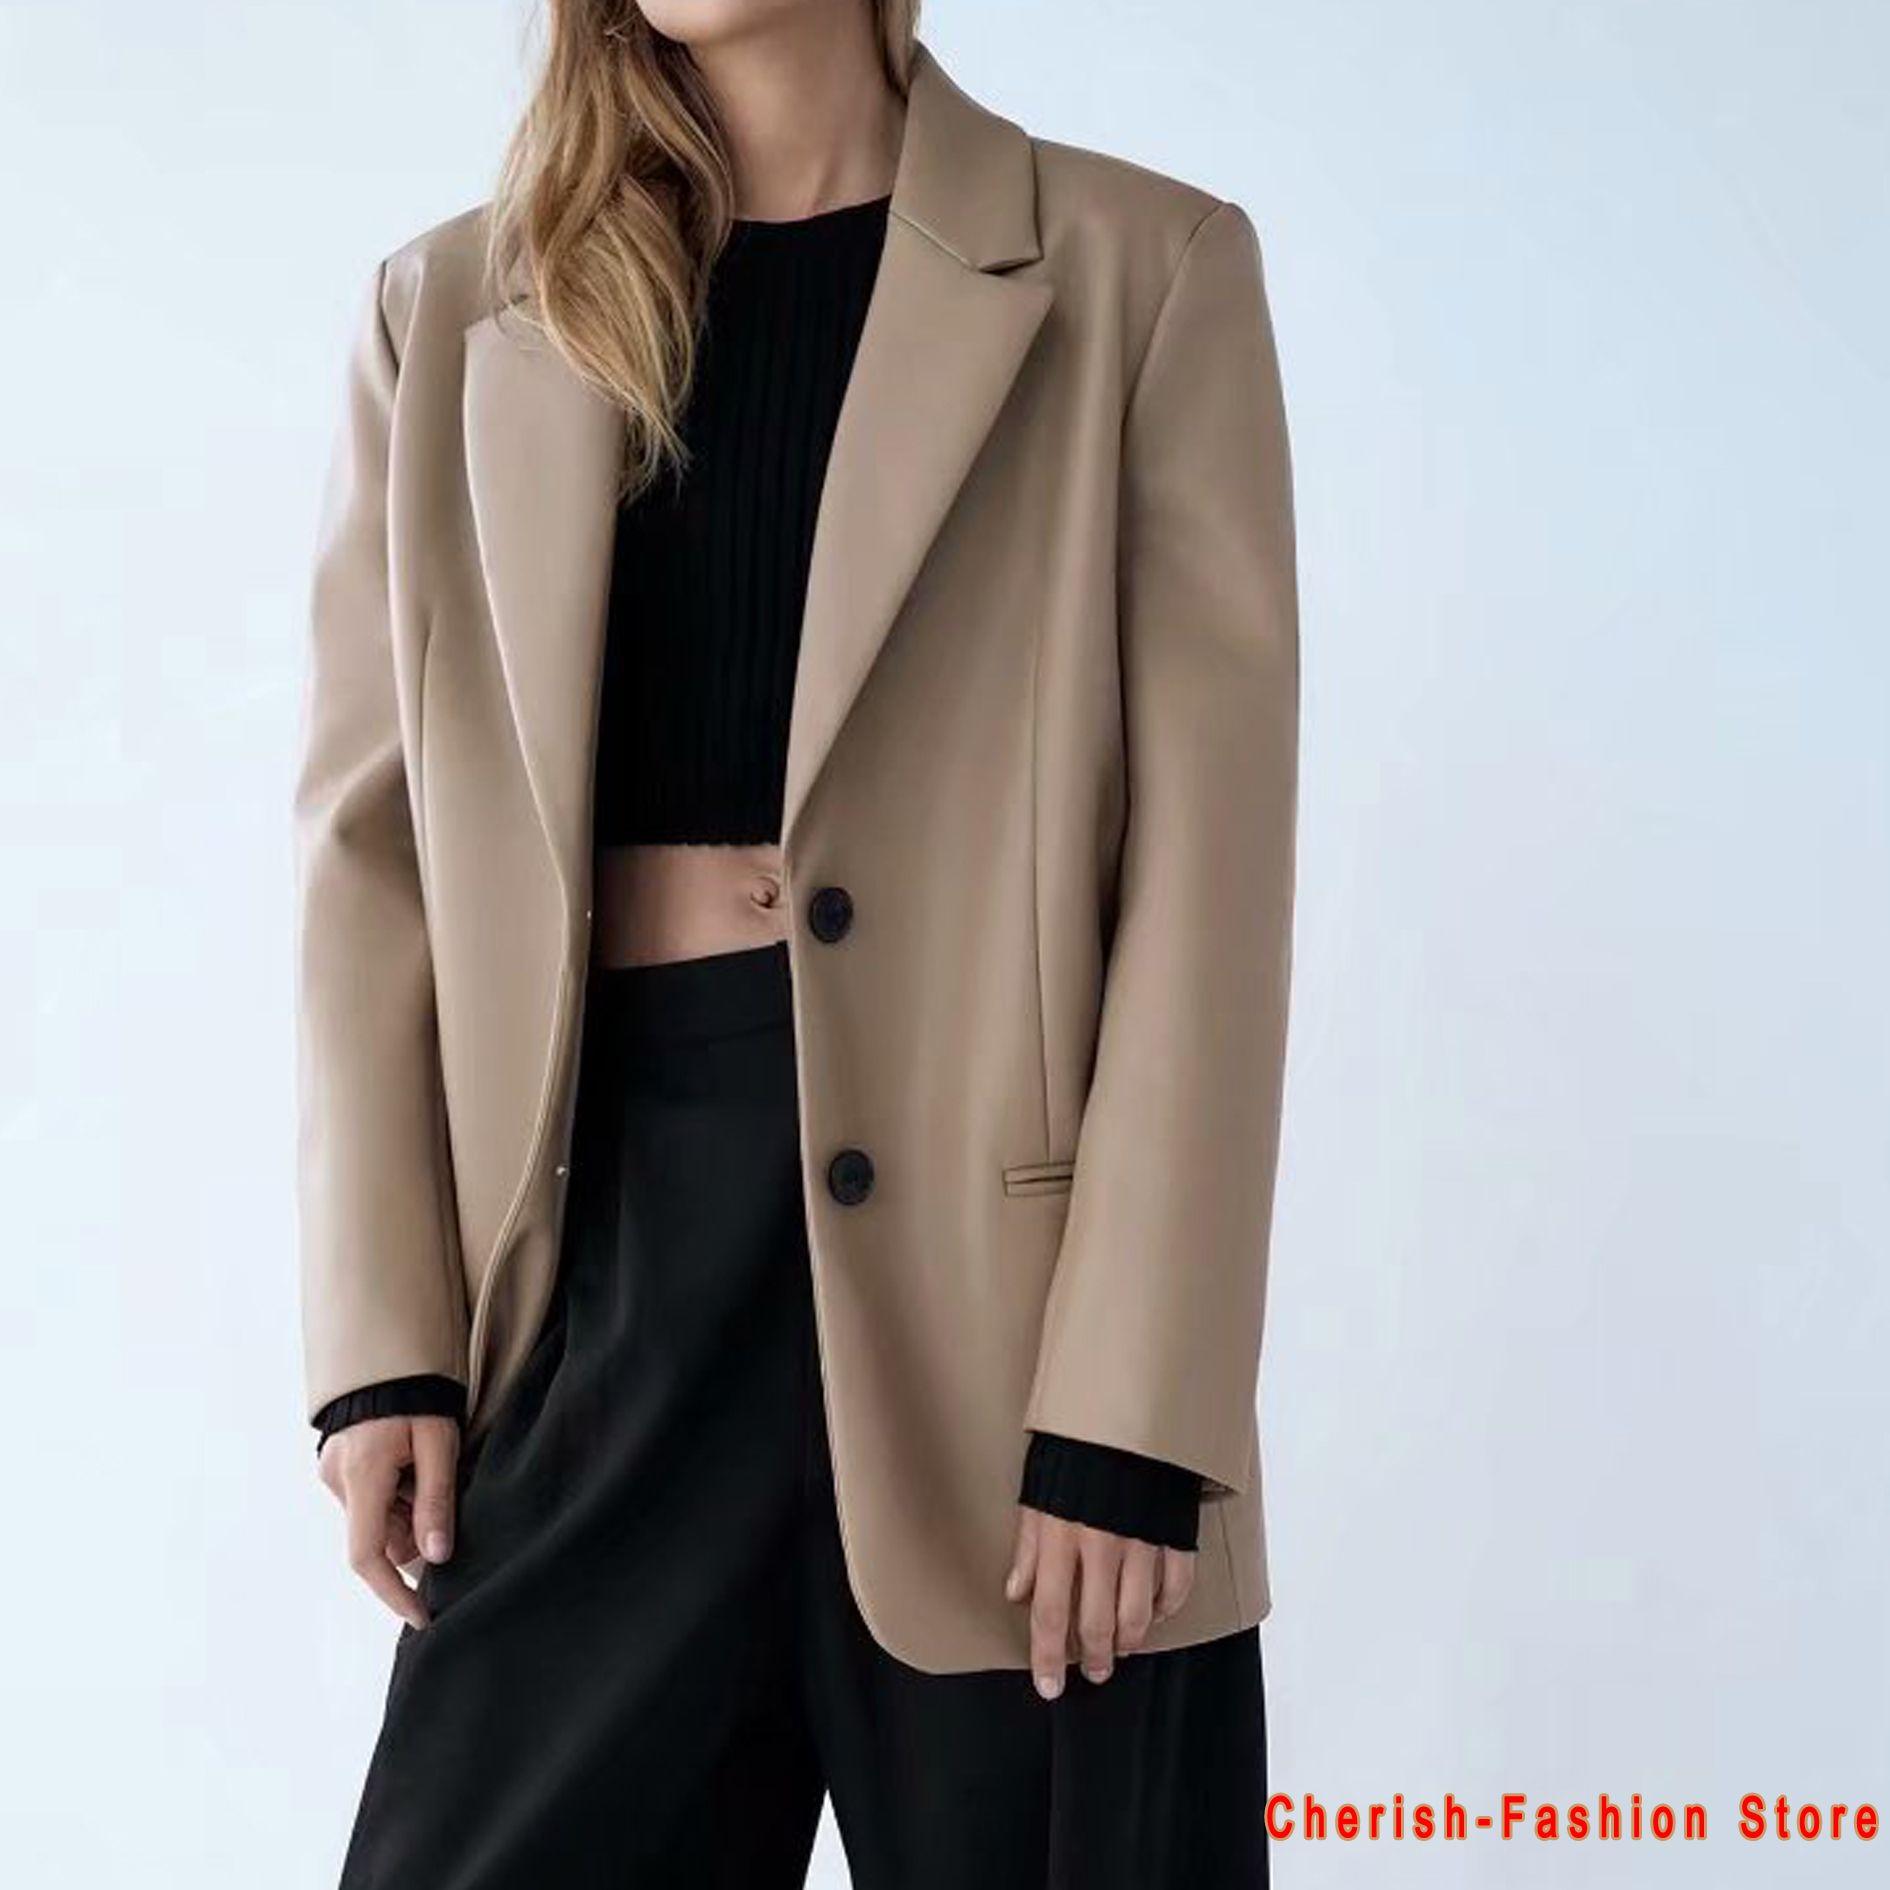 Blazers en similicuir Long Faux Cuir Femme Cuir Veste Coat Kaki Nouveaux Vouettes Femmes Vêtements Vêtements de Vêtements de dessus Manteaux Femme Cuir costume Hot Hot